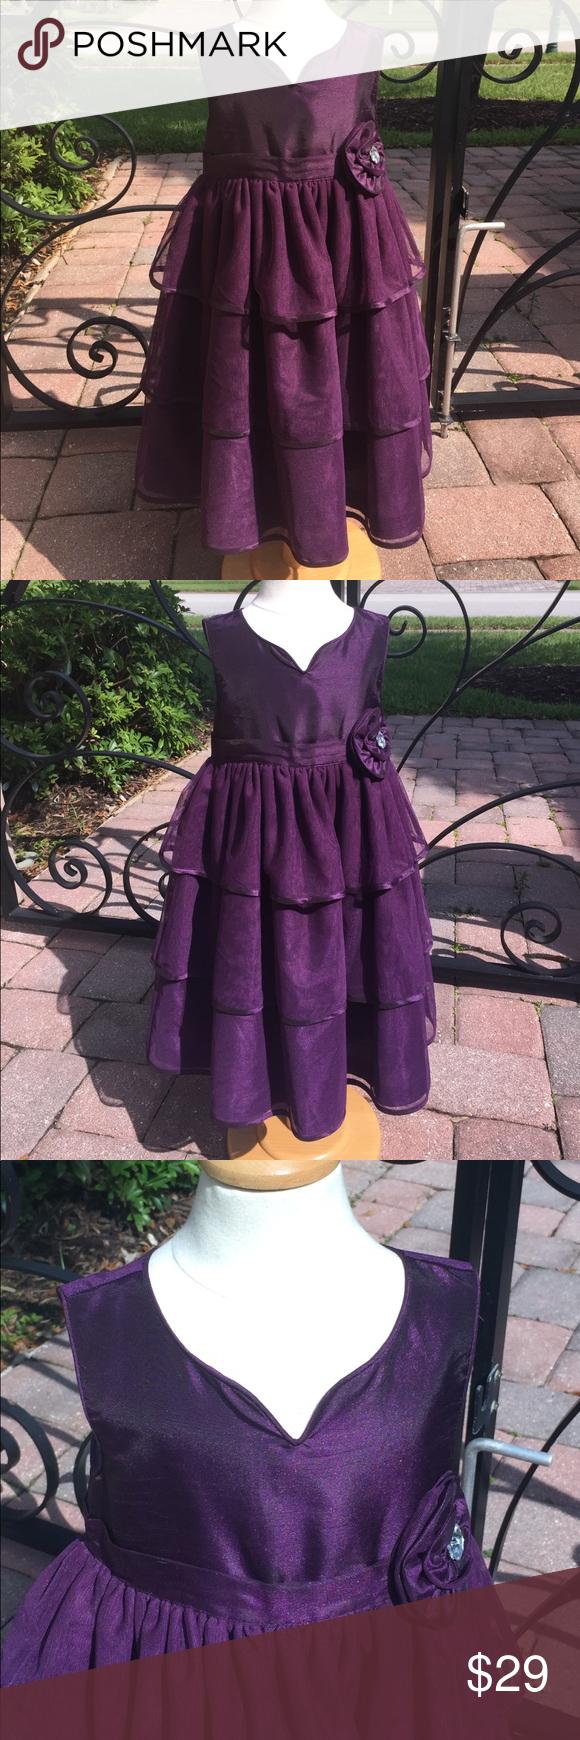 Tahari Girls Purple Special Occasion Dress 4t Special Occasion Dresses 4t Dress Dresses [ 1740 x 580 Pixel ]